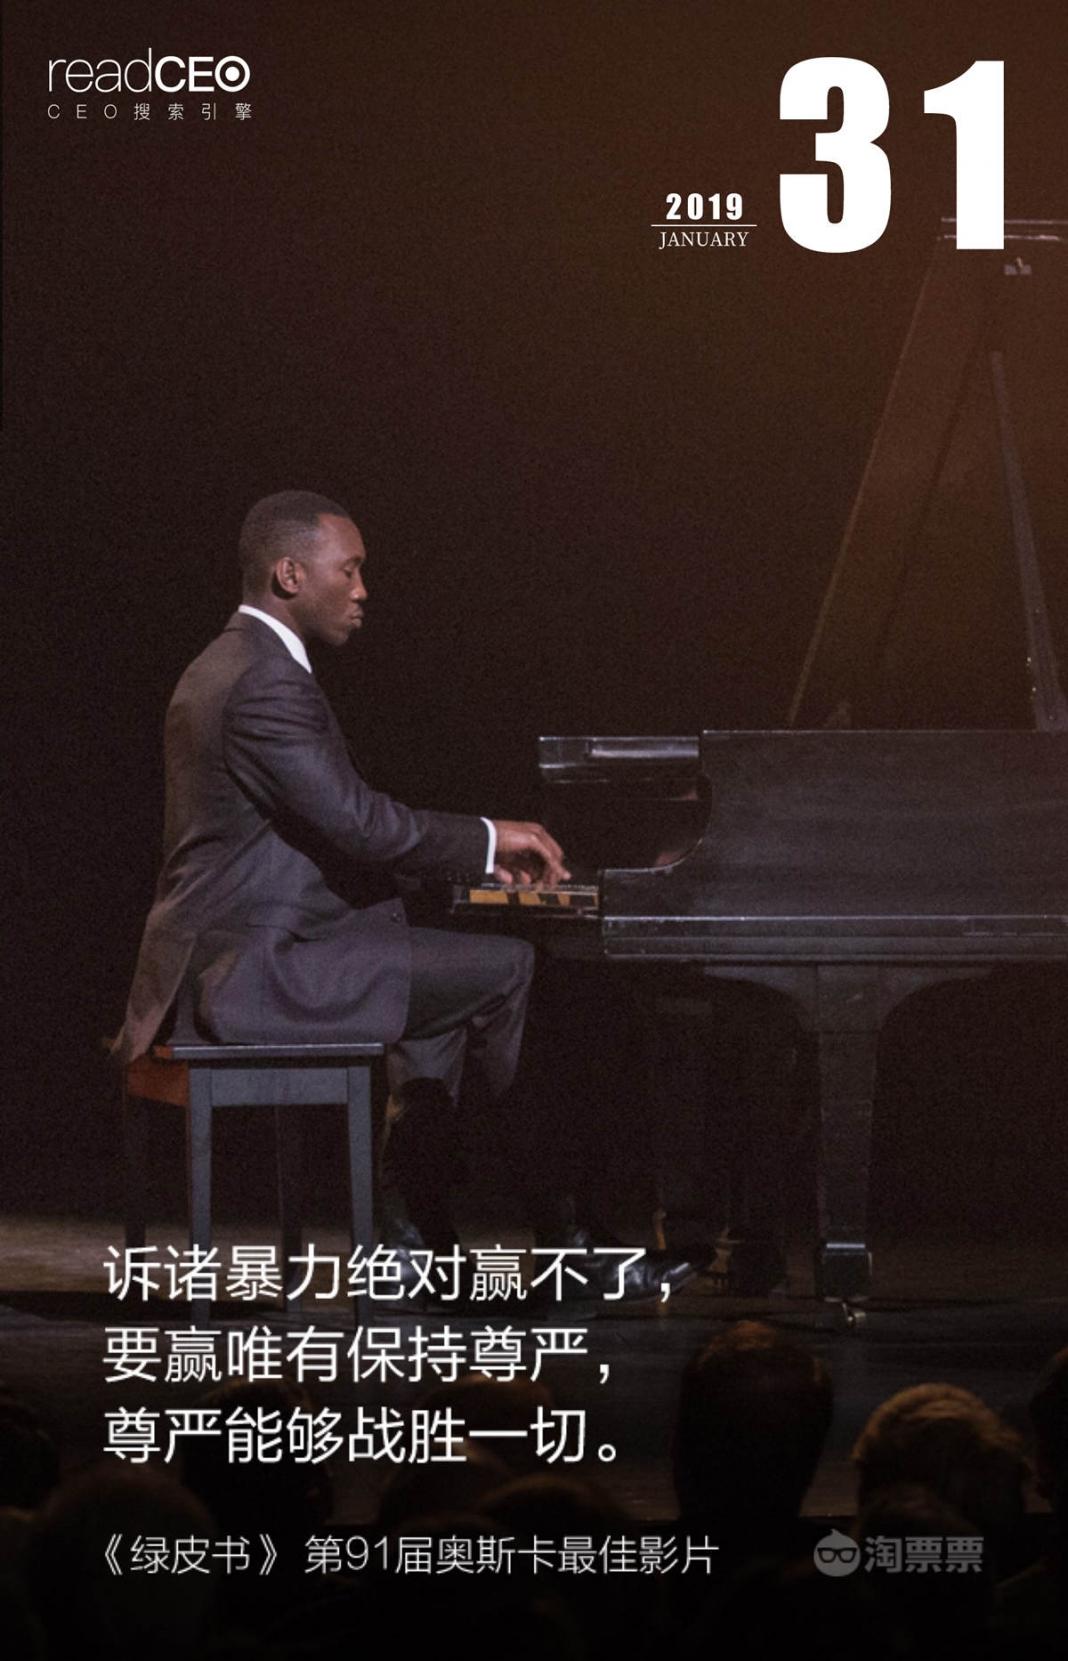 钢琴家正需要一个司机,负责在他举办南方巡演时的接送工作